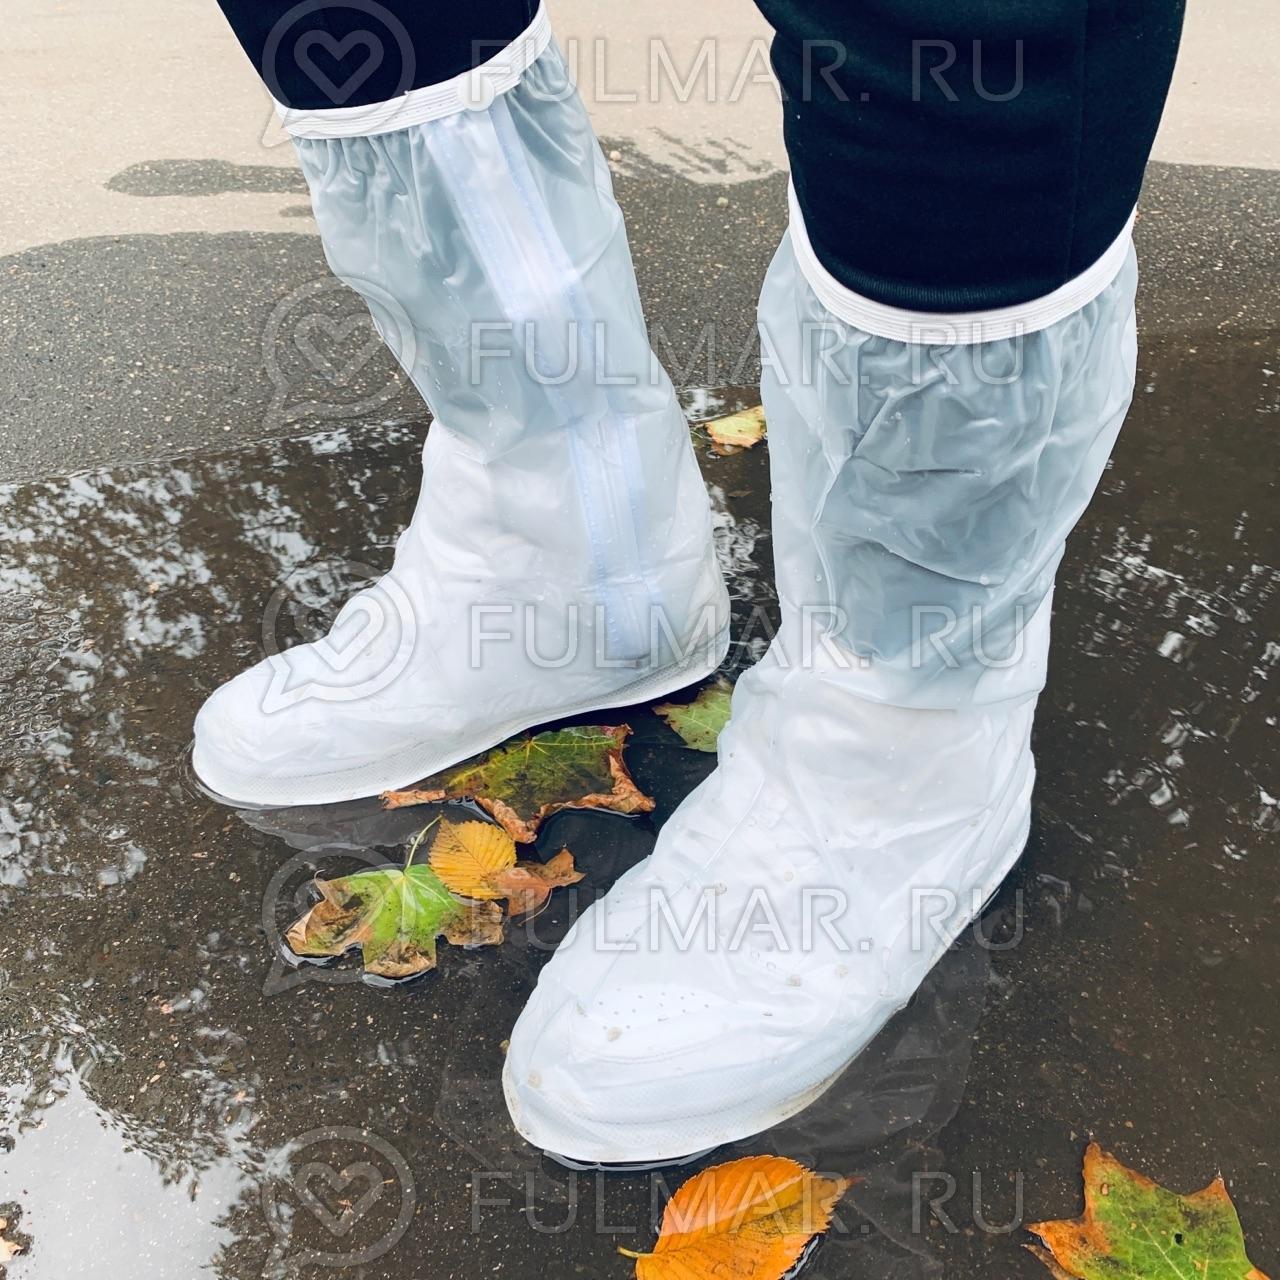 Многоразовые высокие дождевики бахилы для обуви молния сбоку Белые-Матовые фото